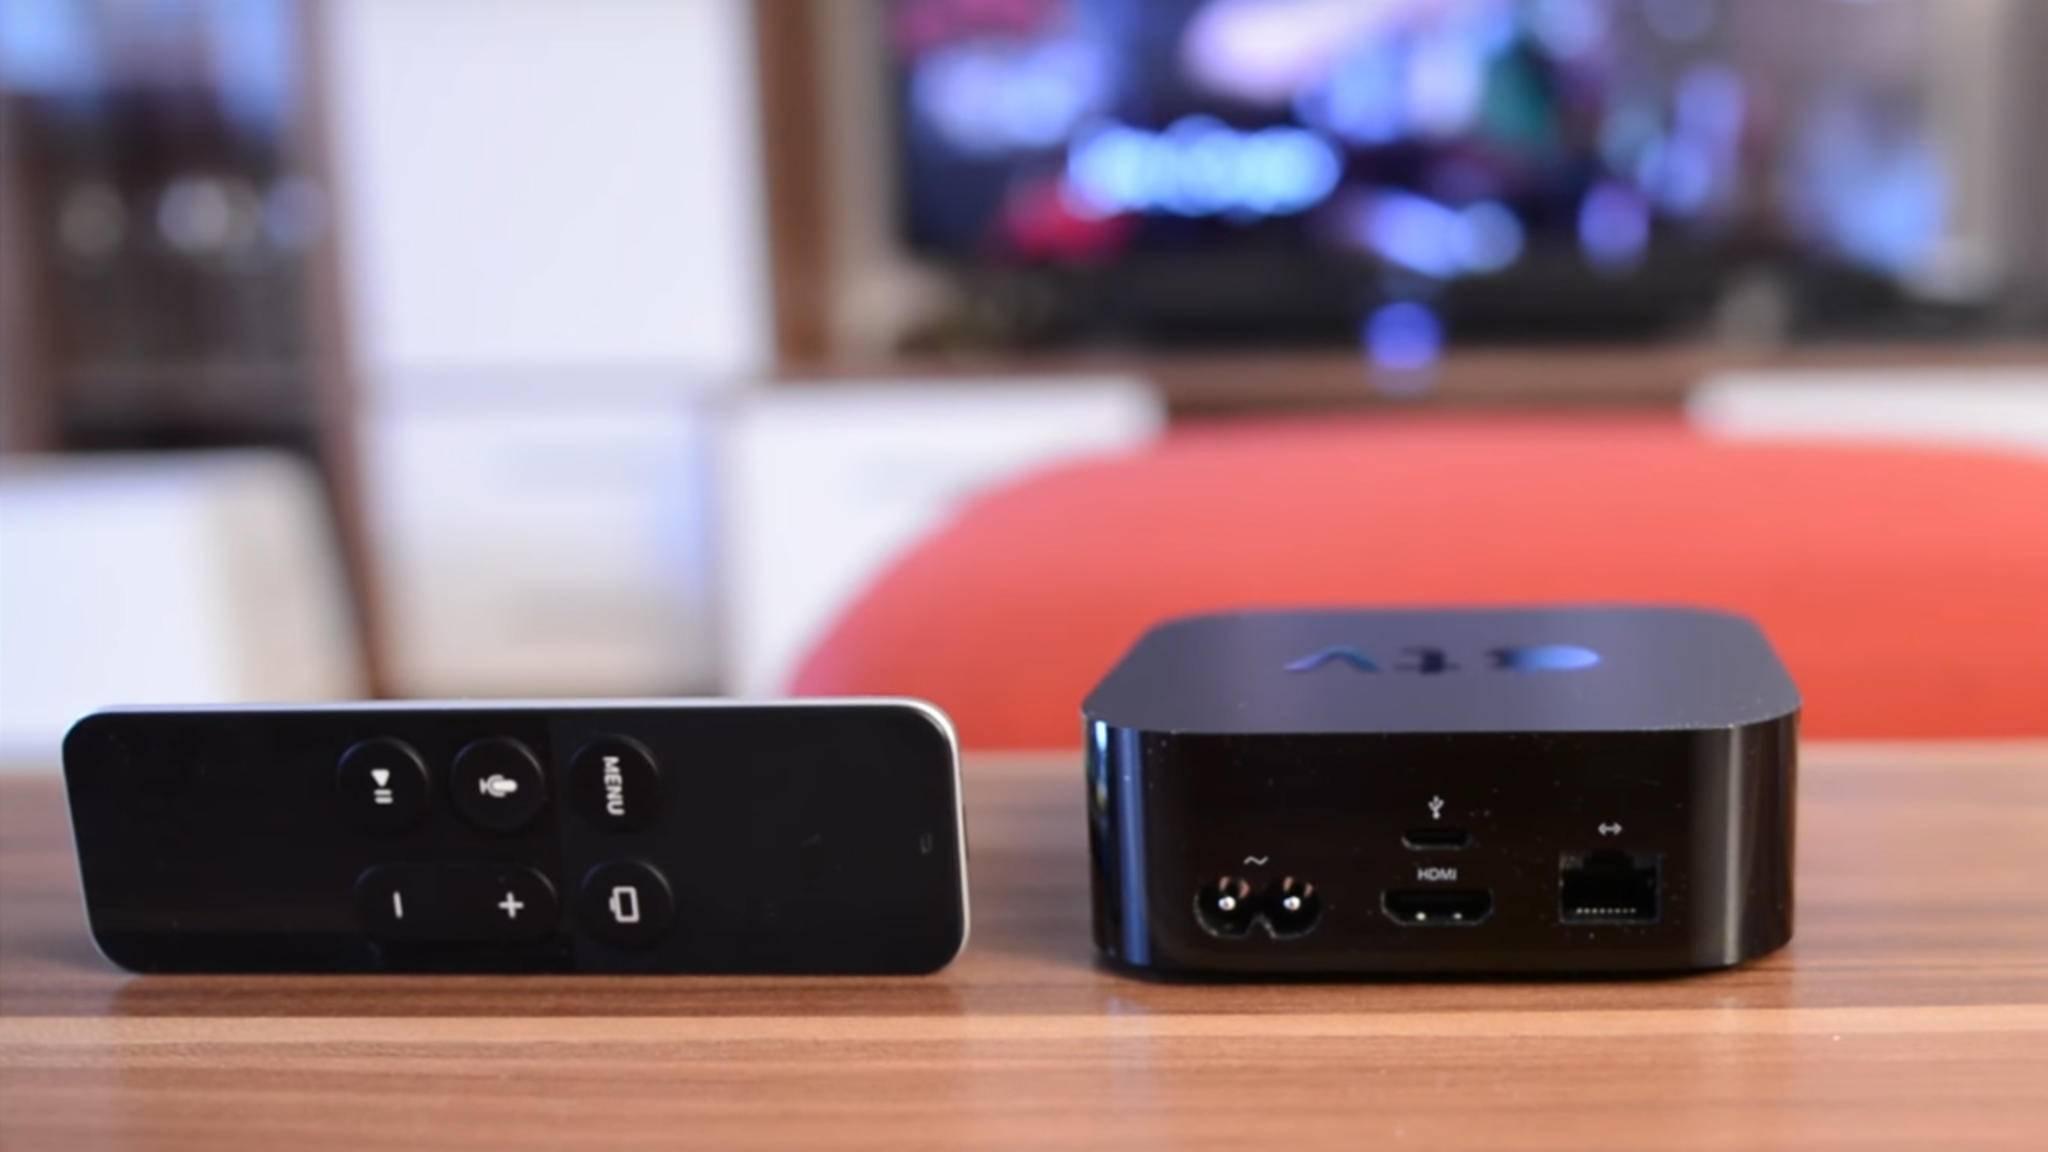 Ab Sommer sollen Apple TV-Besitzer auch Amazon Prime Video auf ihrer Box nutzen können.